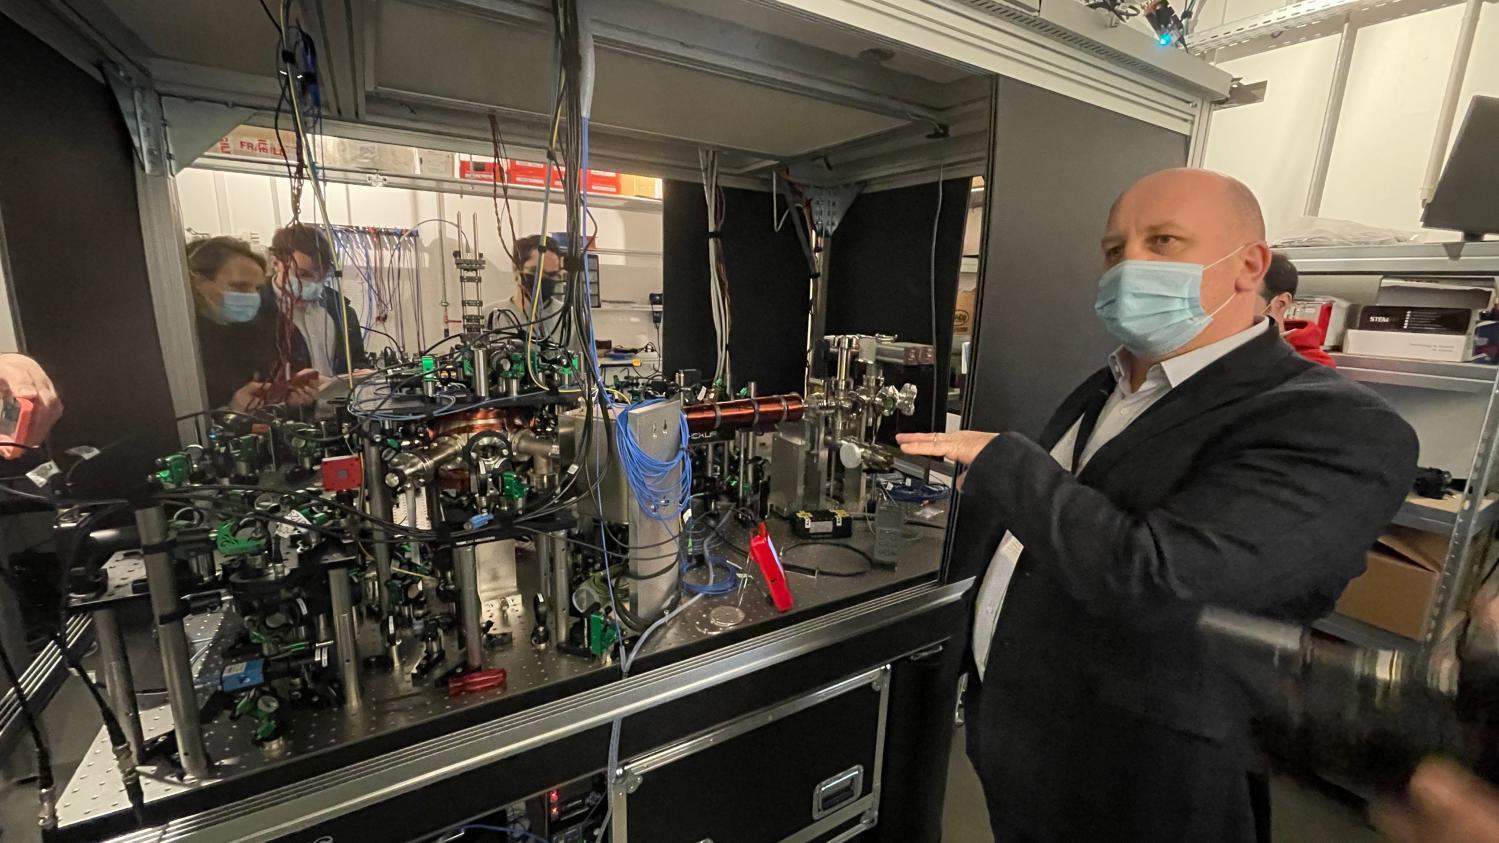 Nouveau monde. La startup française Pasqal présente son ordinateur quantique - Franceinfo